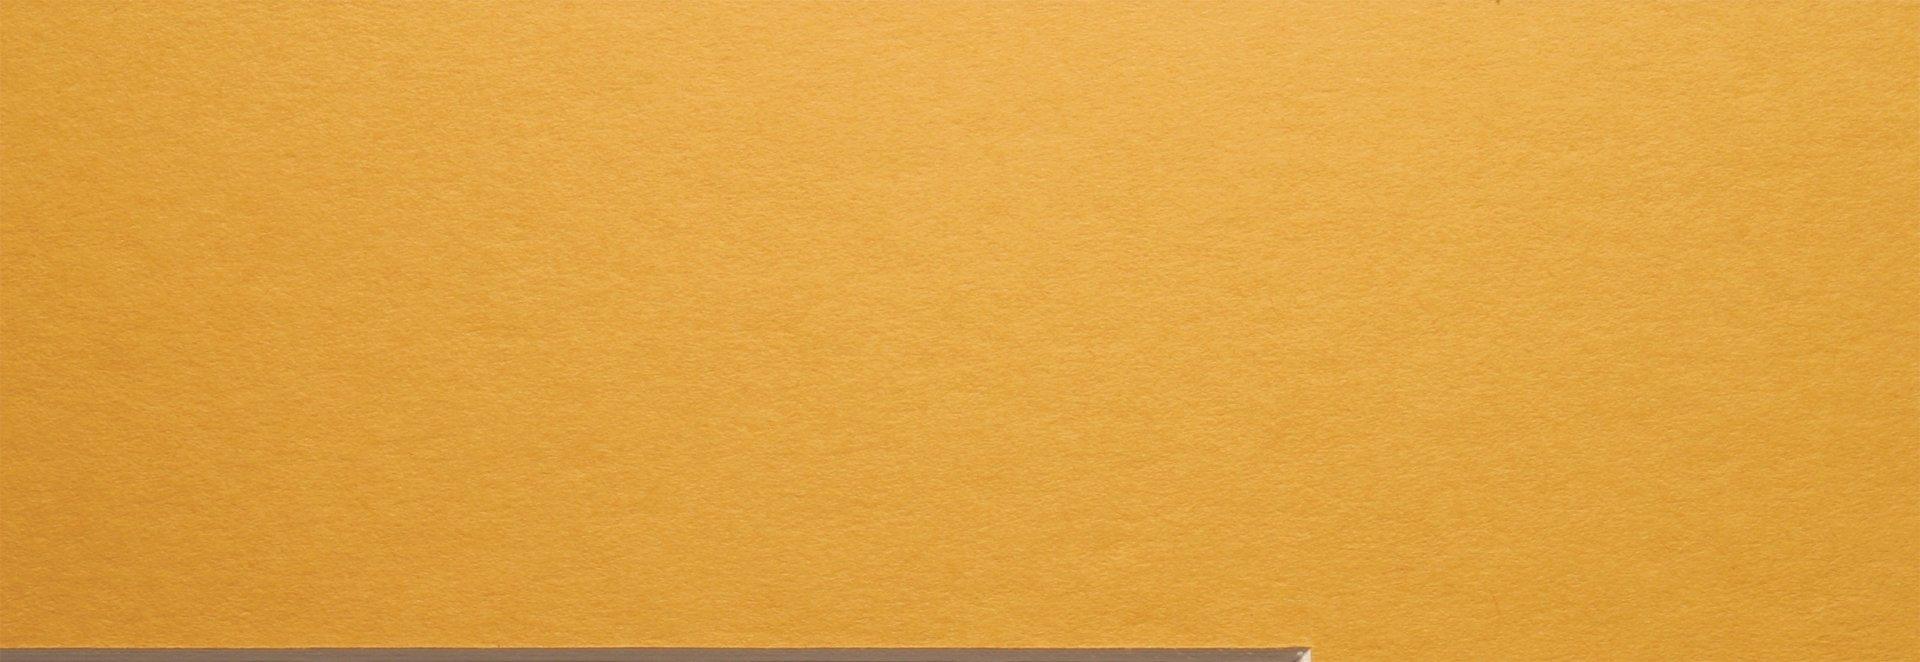 GSRM3320_G3320 Saffron